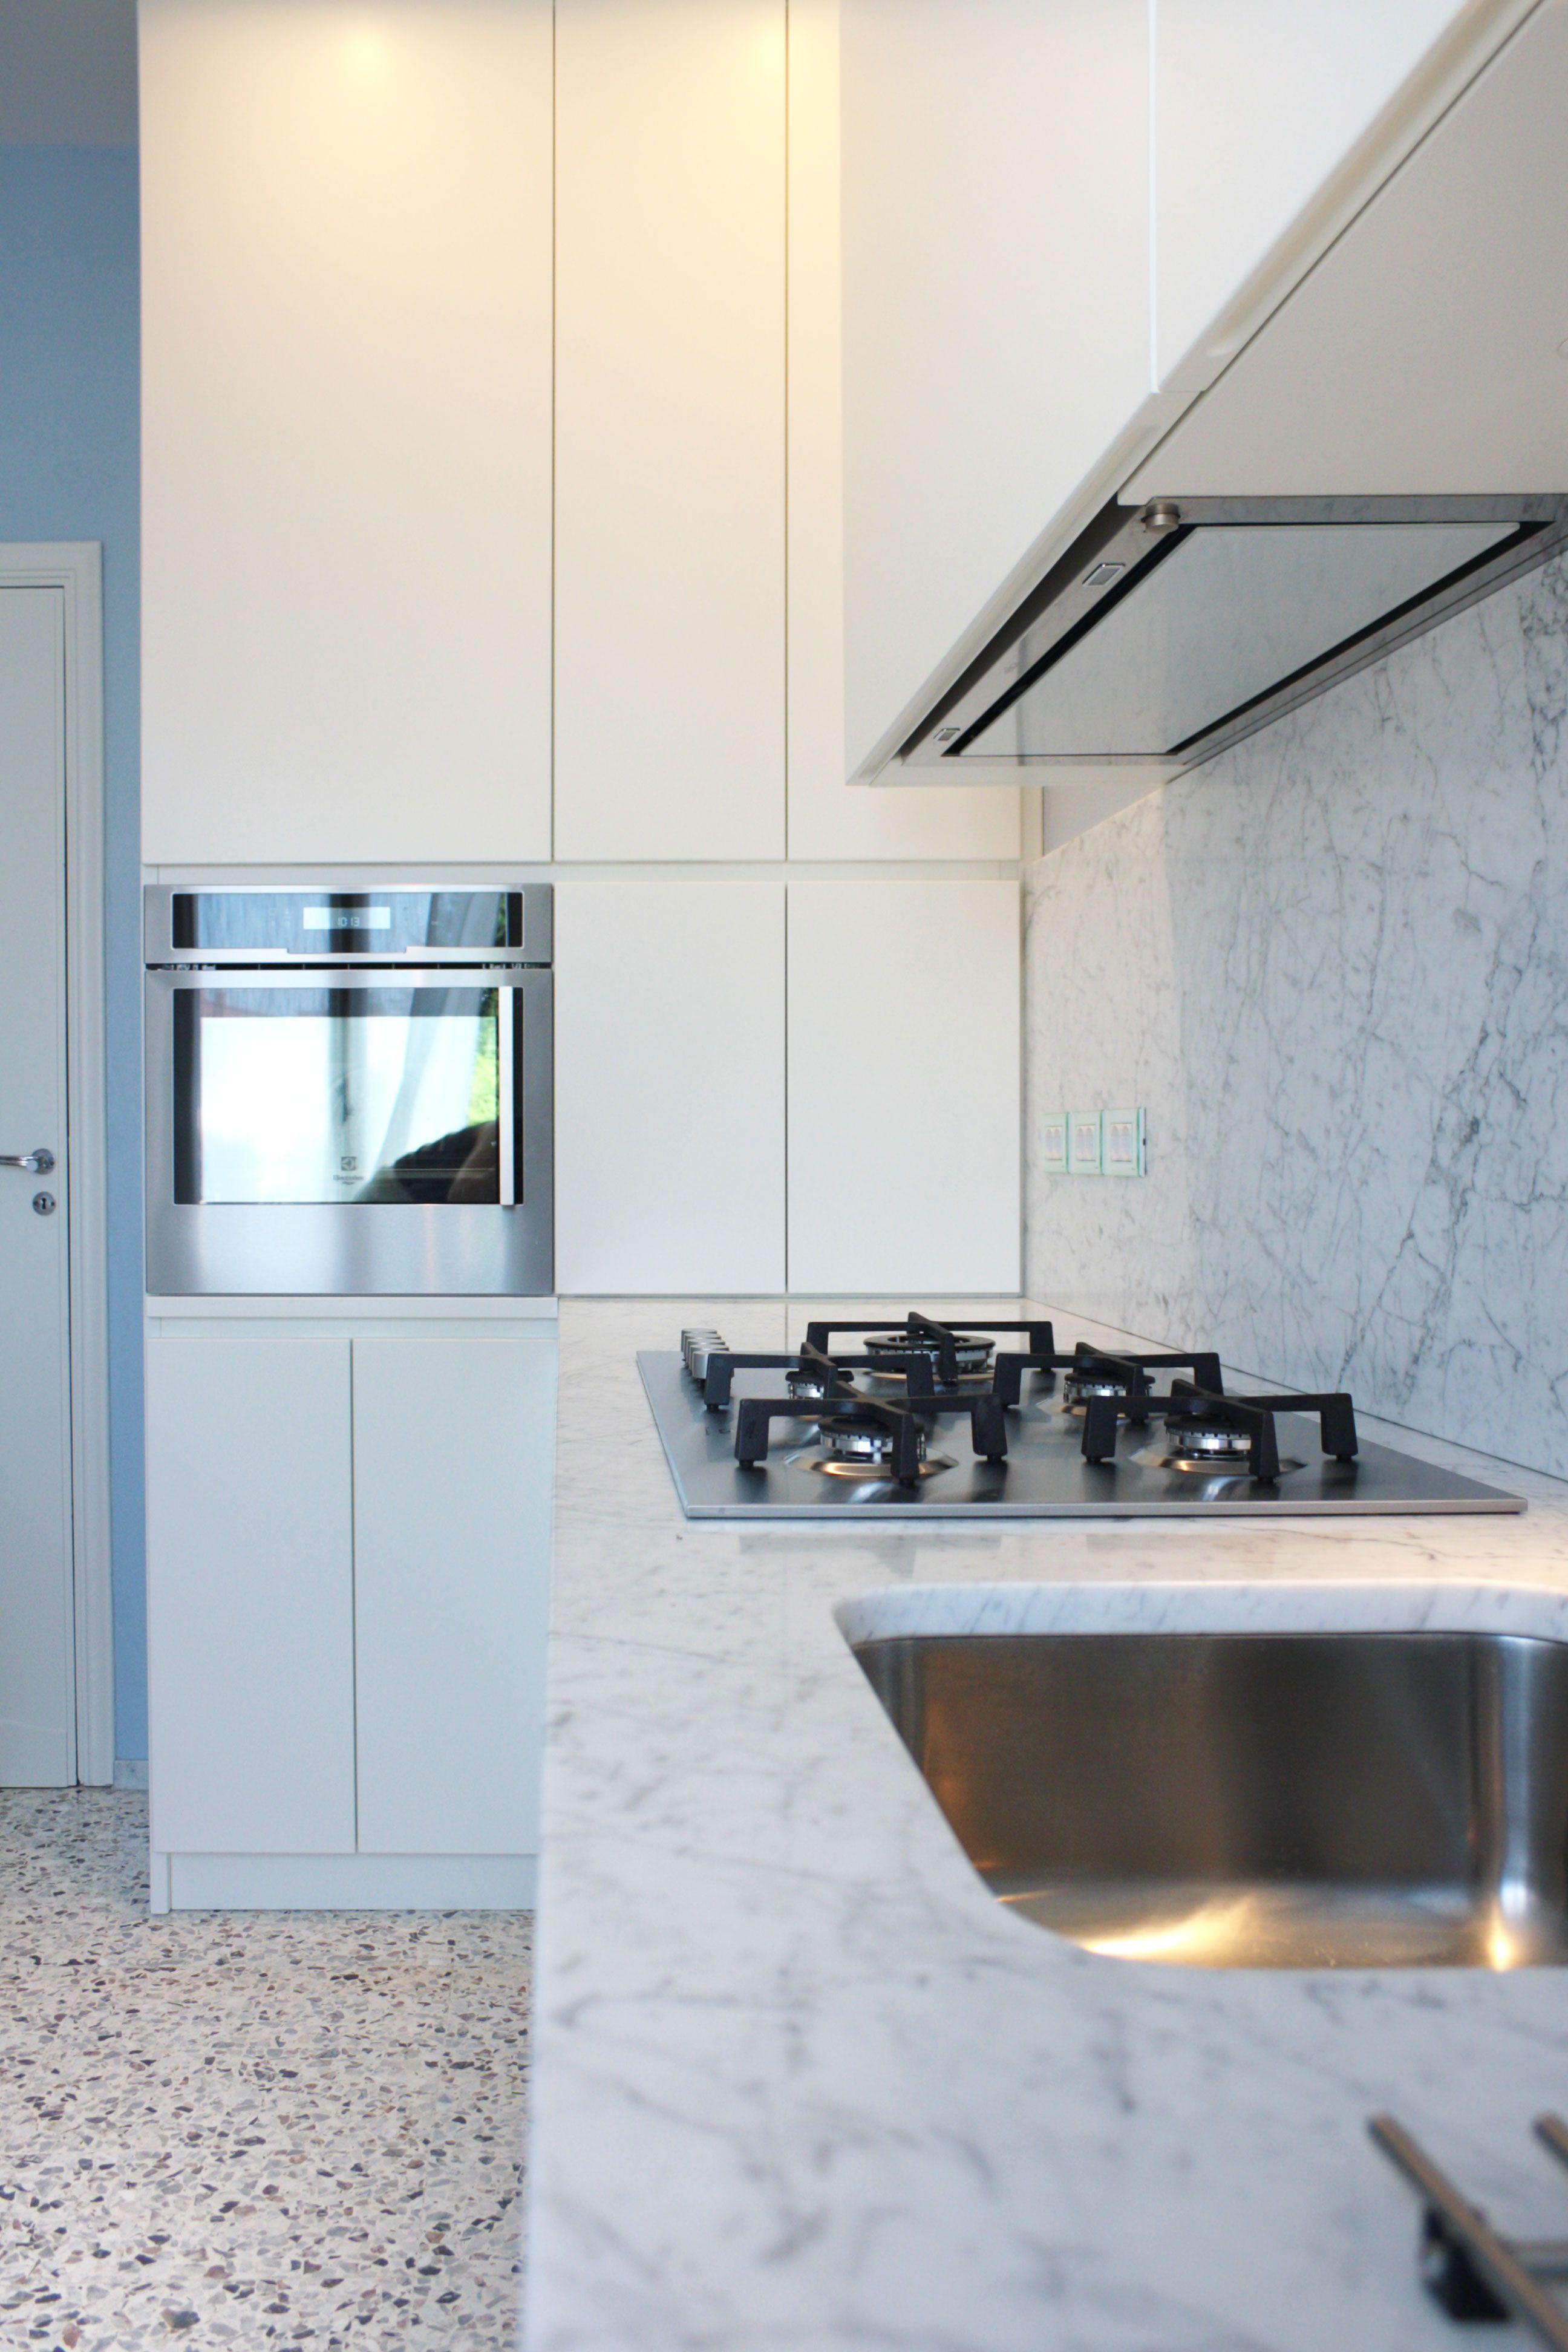 Nuova cucina in legno laccato bianco opaco, top e alzata in marmo ...